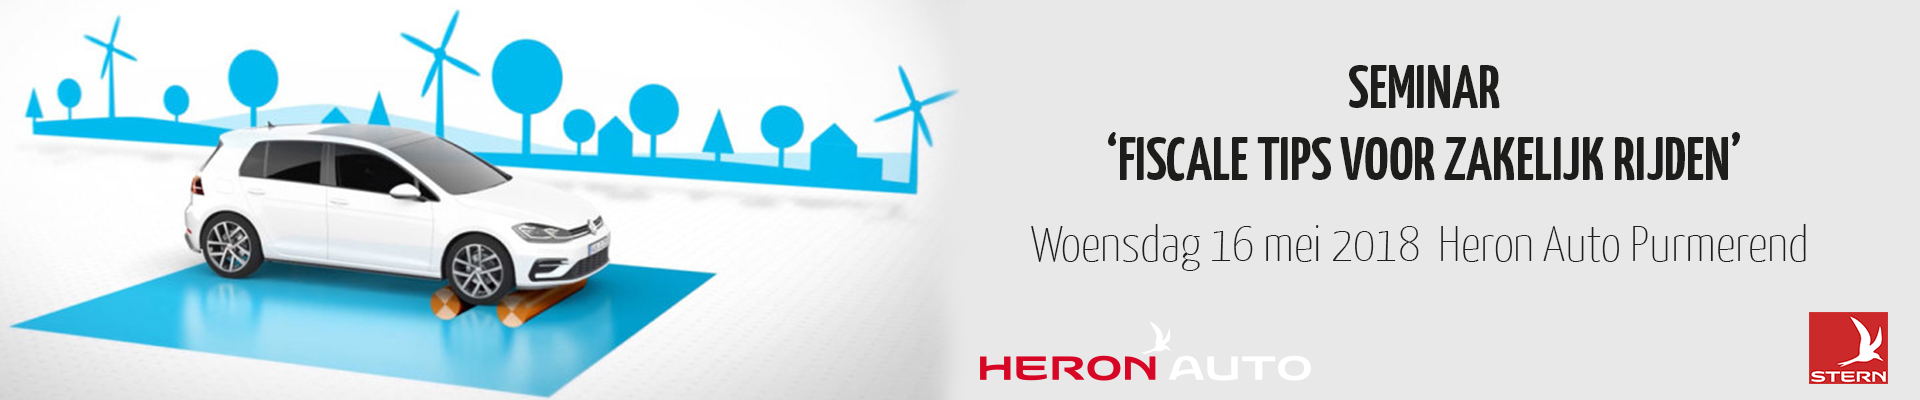 Seminar Heron Auto Fiscale tips voor zakelijk rijden